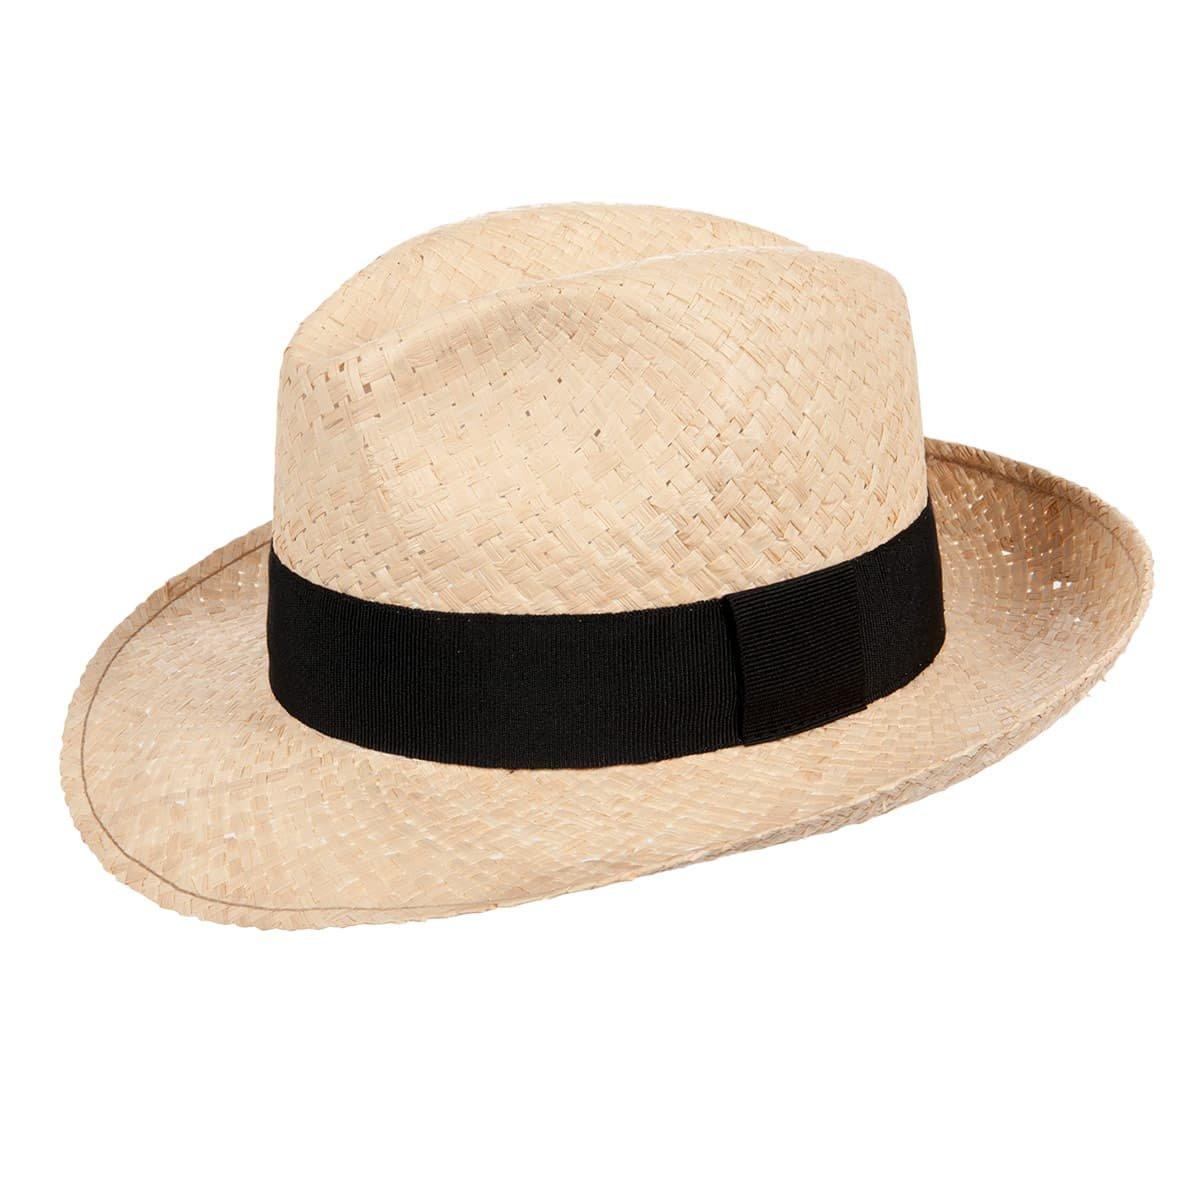 Cappello di paglia a tesa larga con nastro nero ... 24ed7e4d7a72